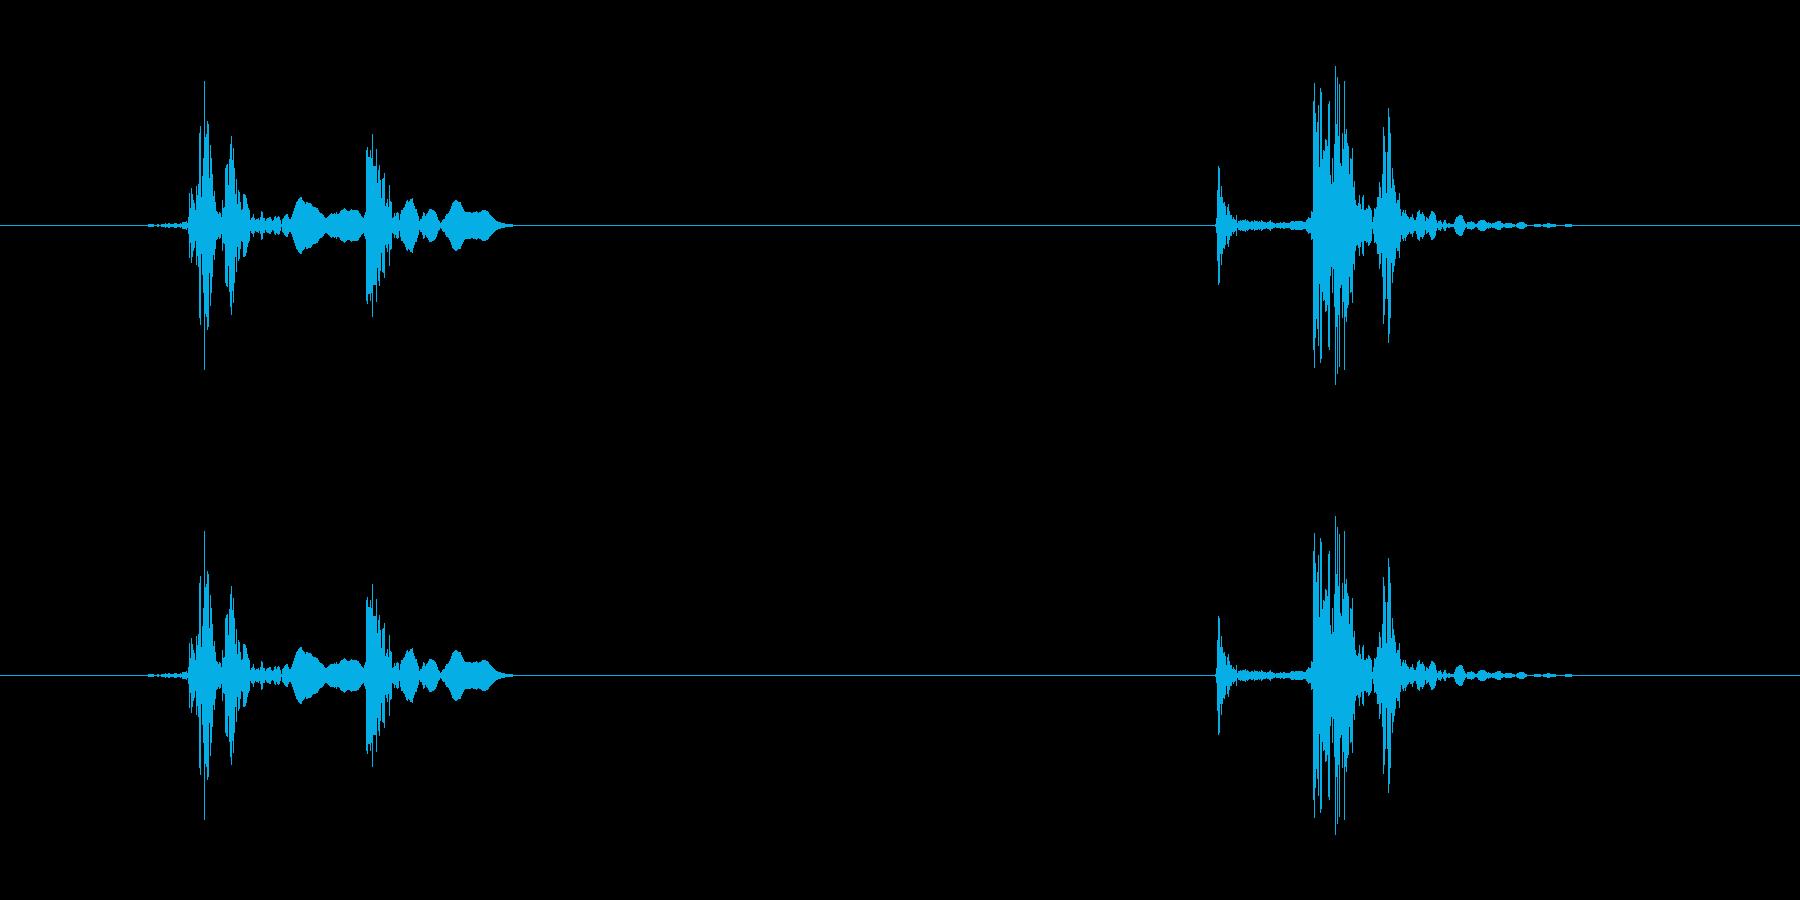 ガチャ、バタン(ドアが開閉する音)の再生済みの波形